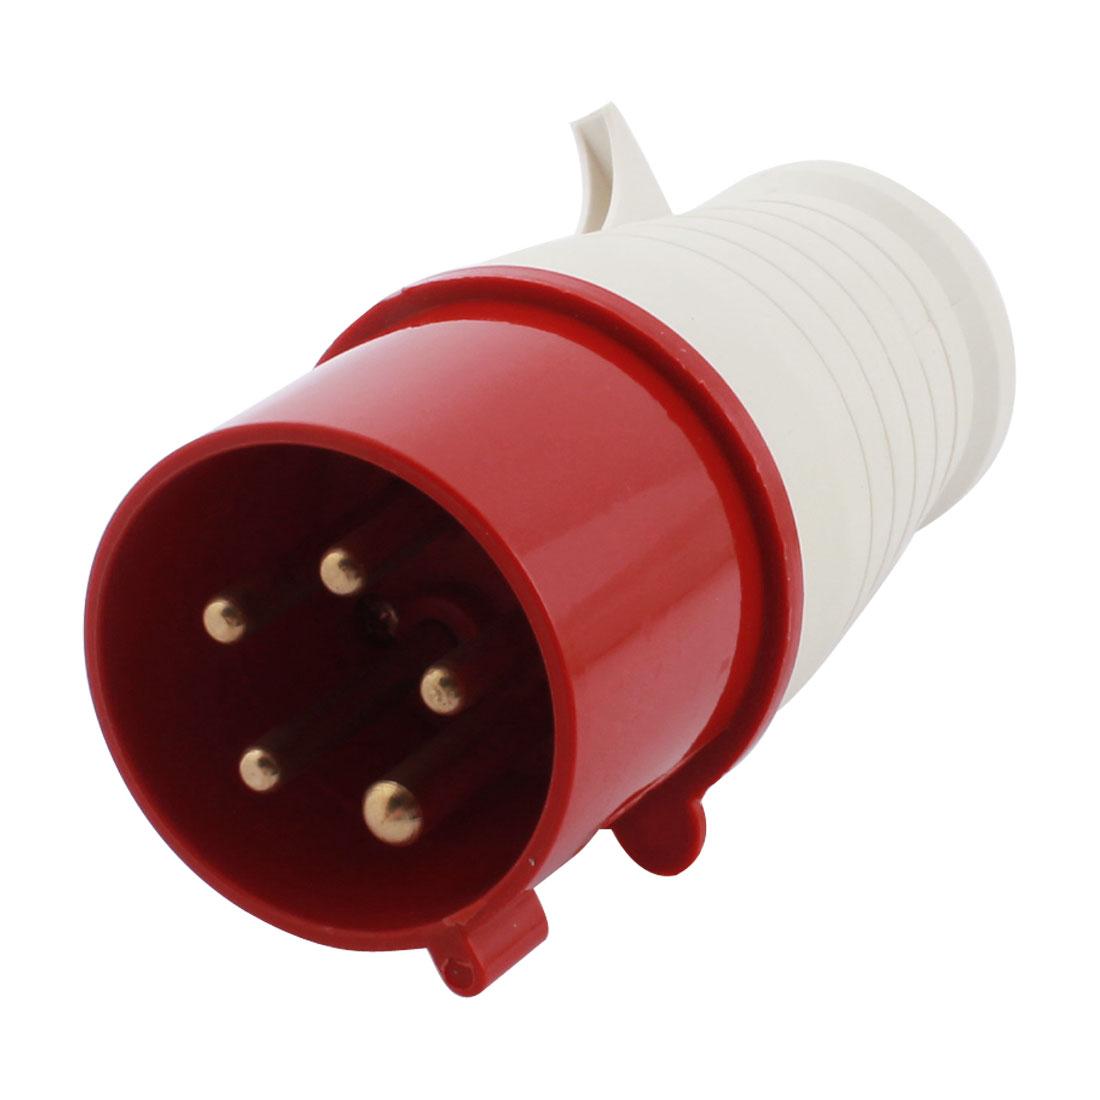 Parts AC 220-380V 240-415V 32A IP67 3P + E + N IEC309-2 Industrial Plug Red